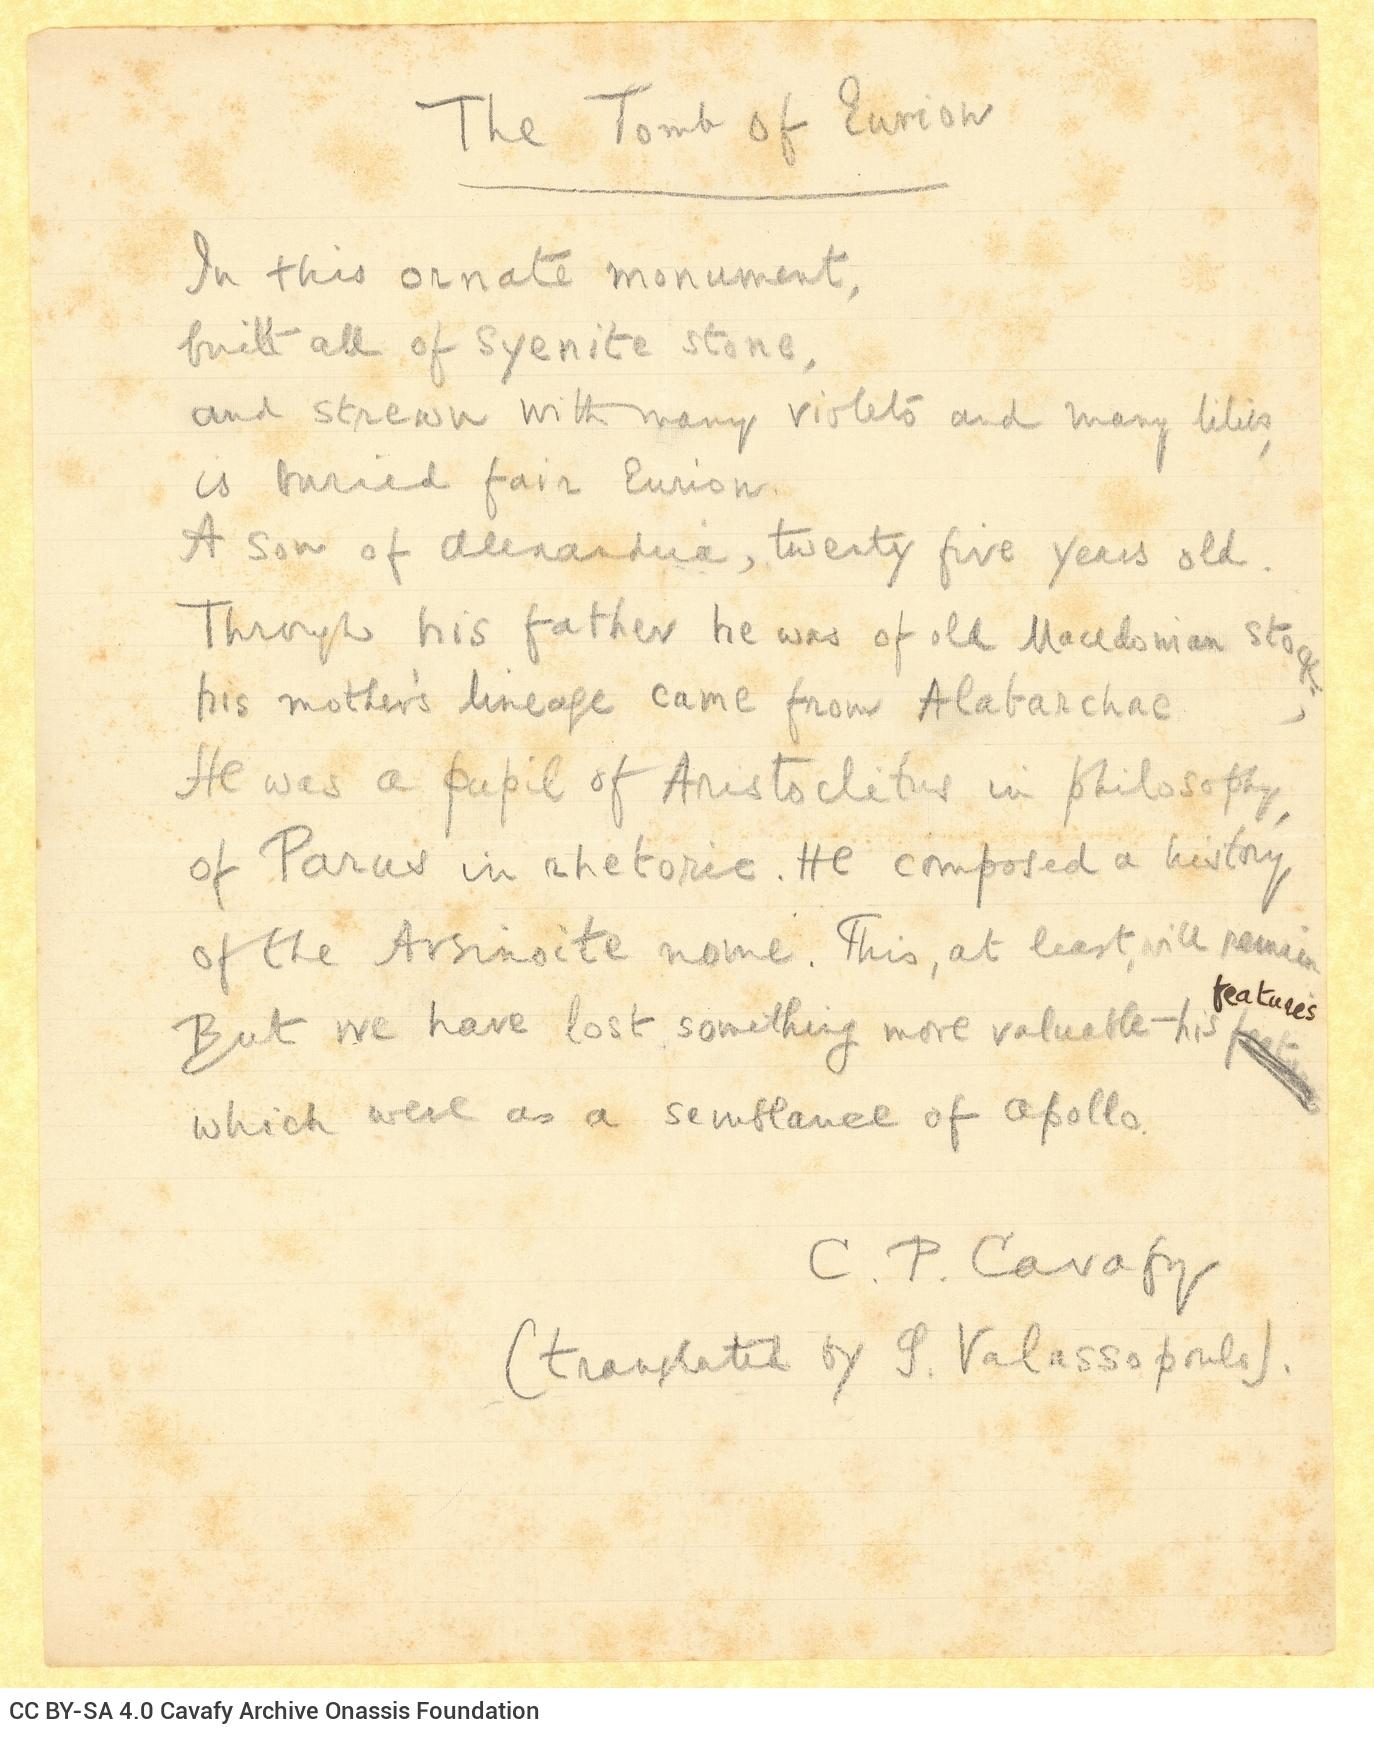 Χειρόγραφο αντίγραφο από τον Καβάφη αγγλικής μετάφρασης του Γ. Βαλ